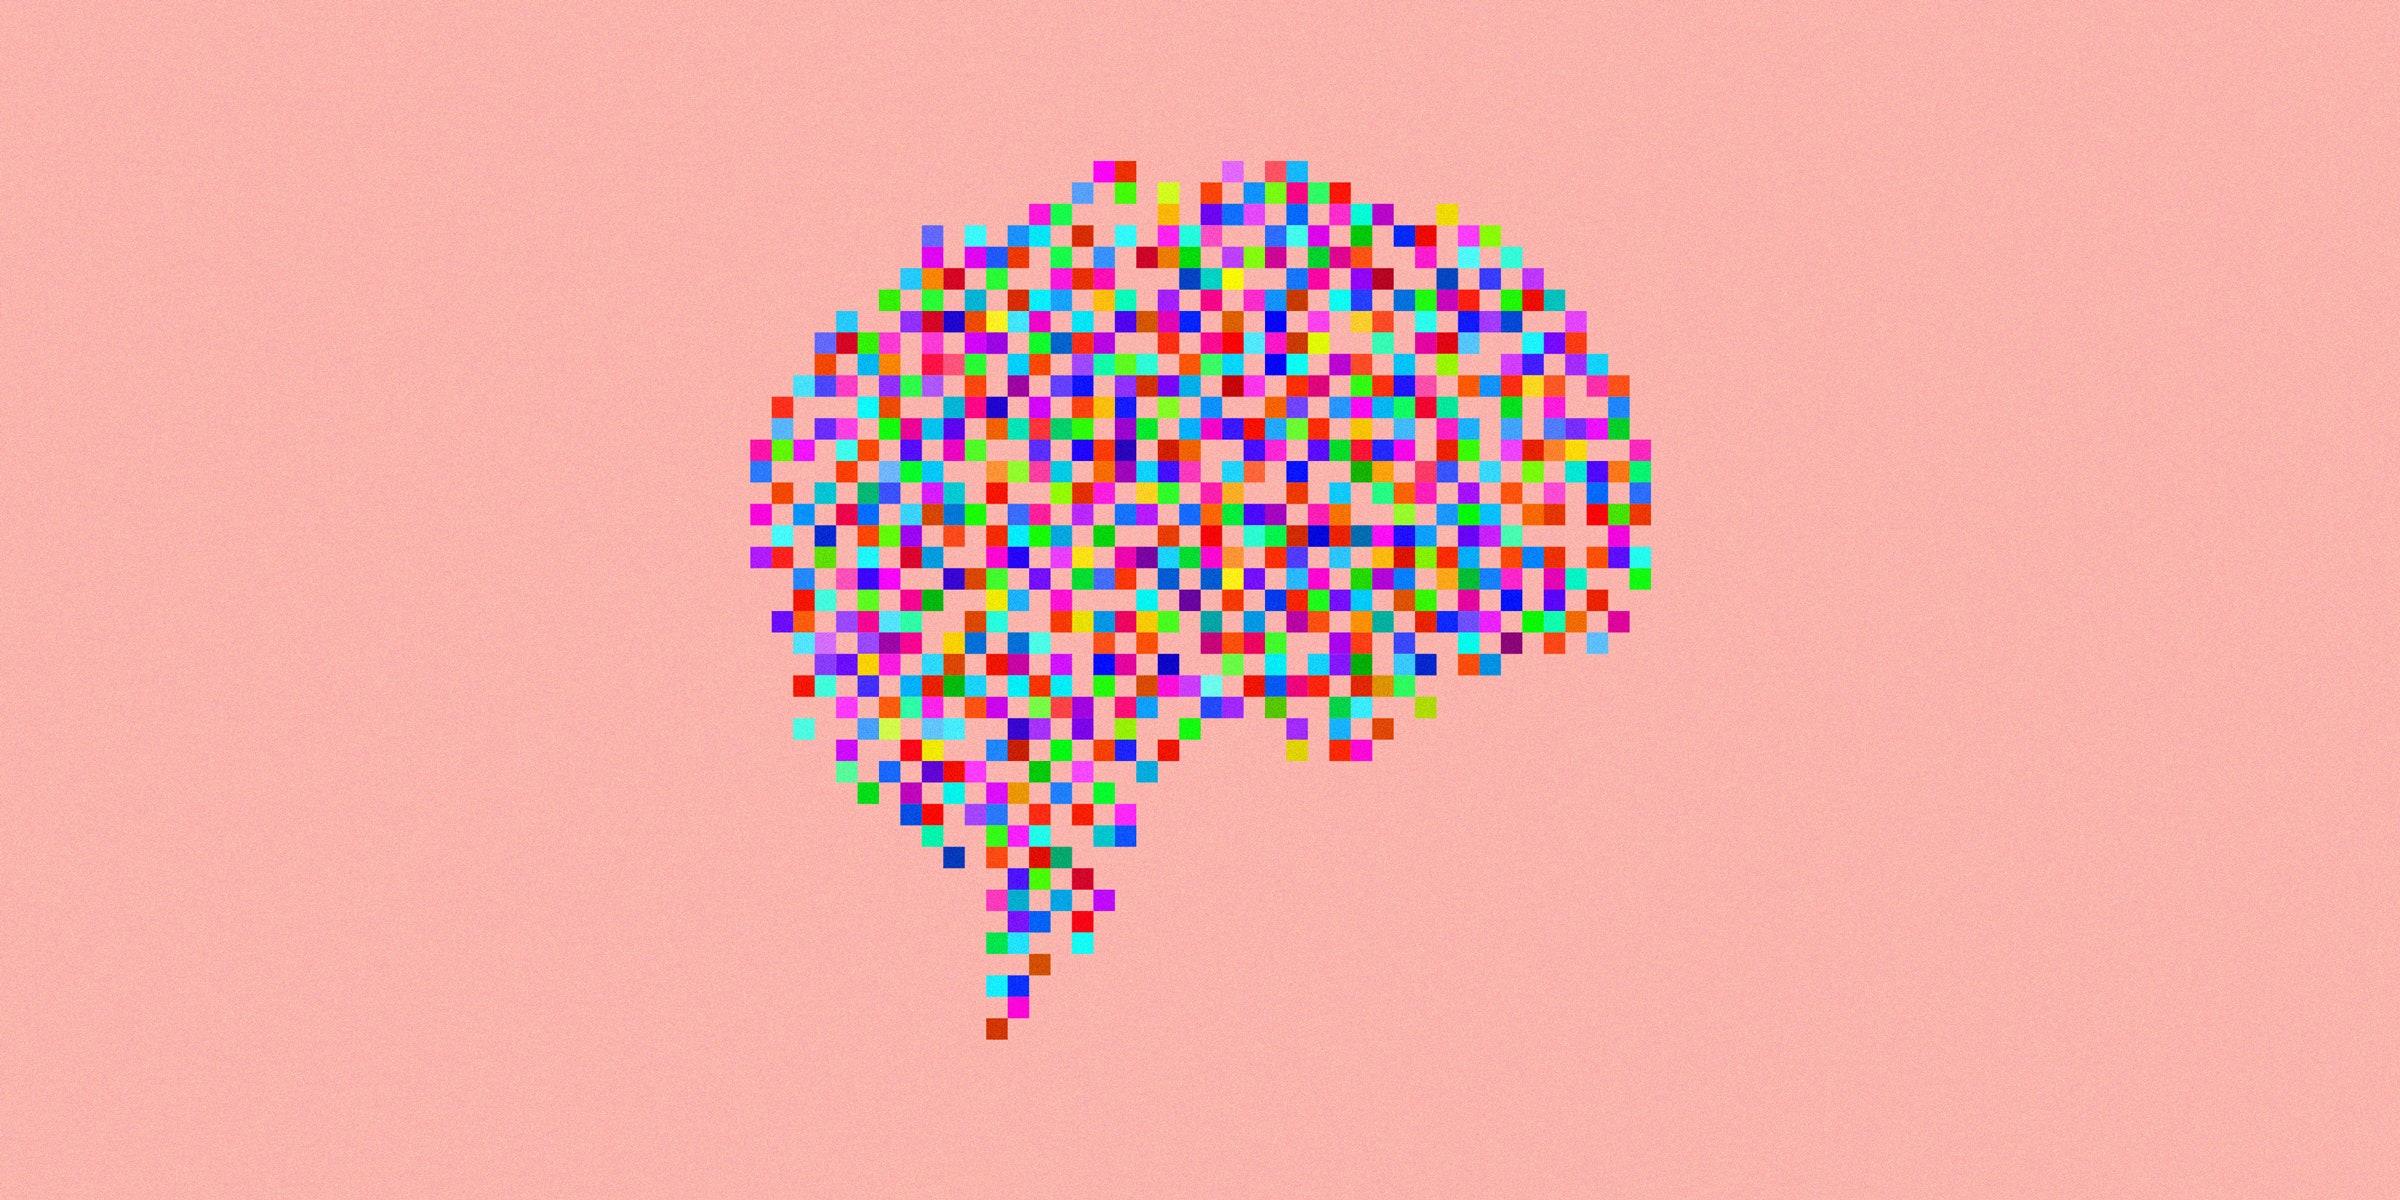 Новый машинный алгоритм расшифровывает не более 50 предложений